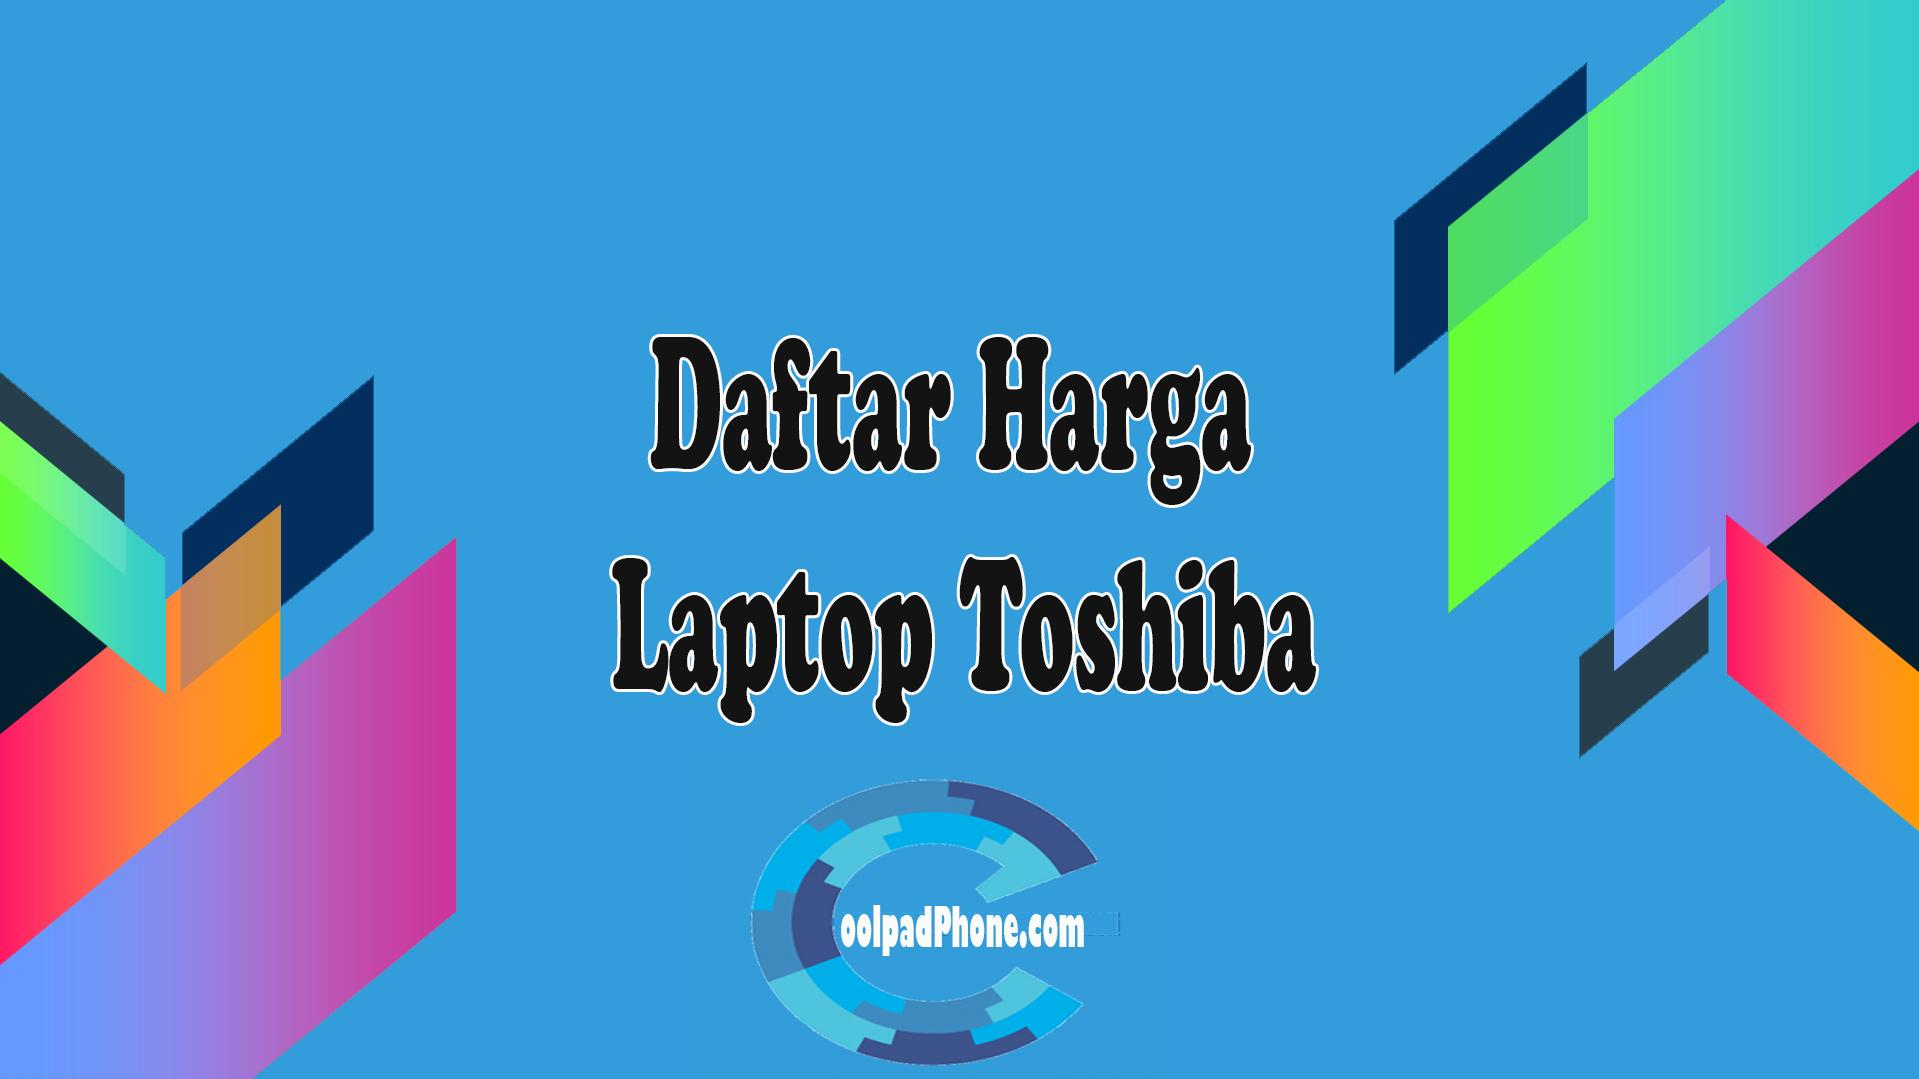 Daftar-Harga-Laptop-Toshiba